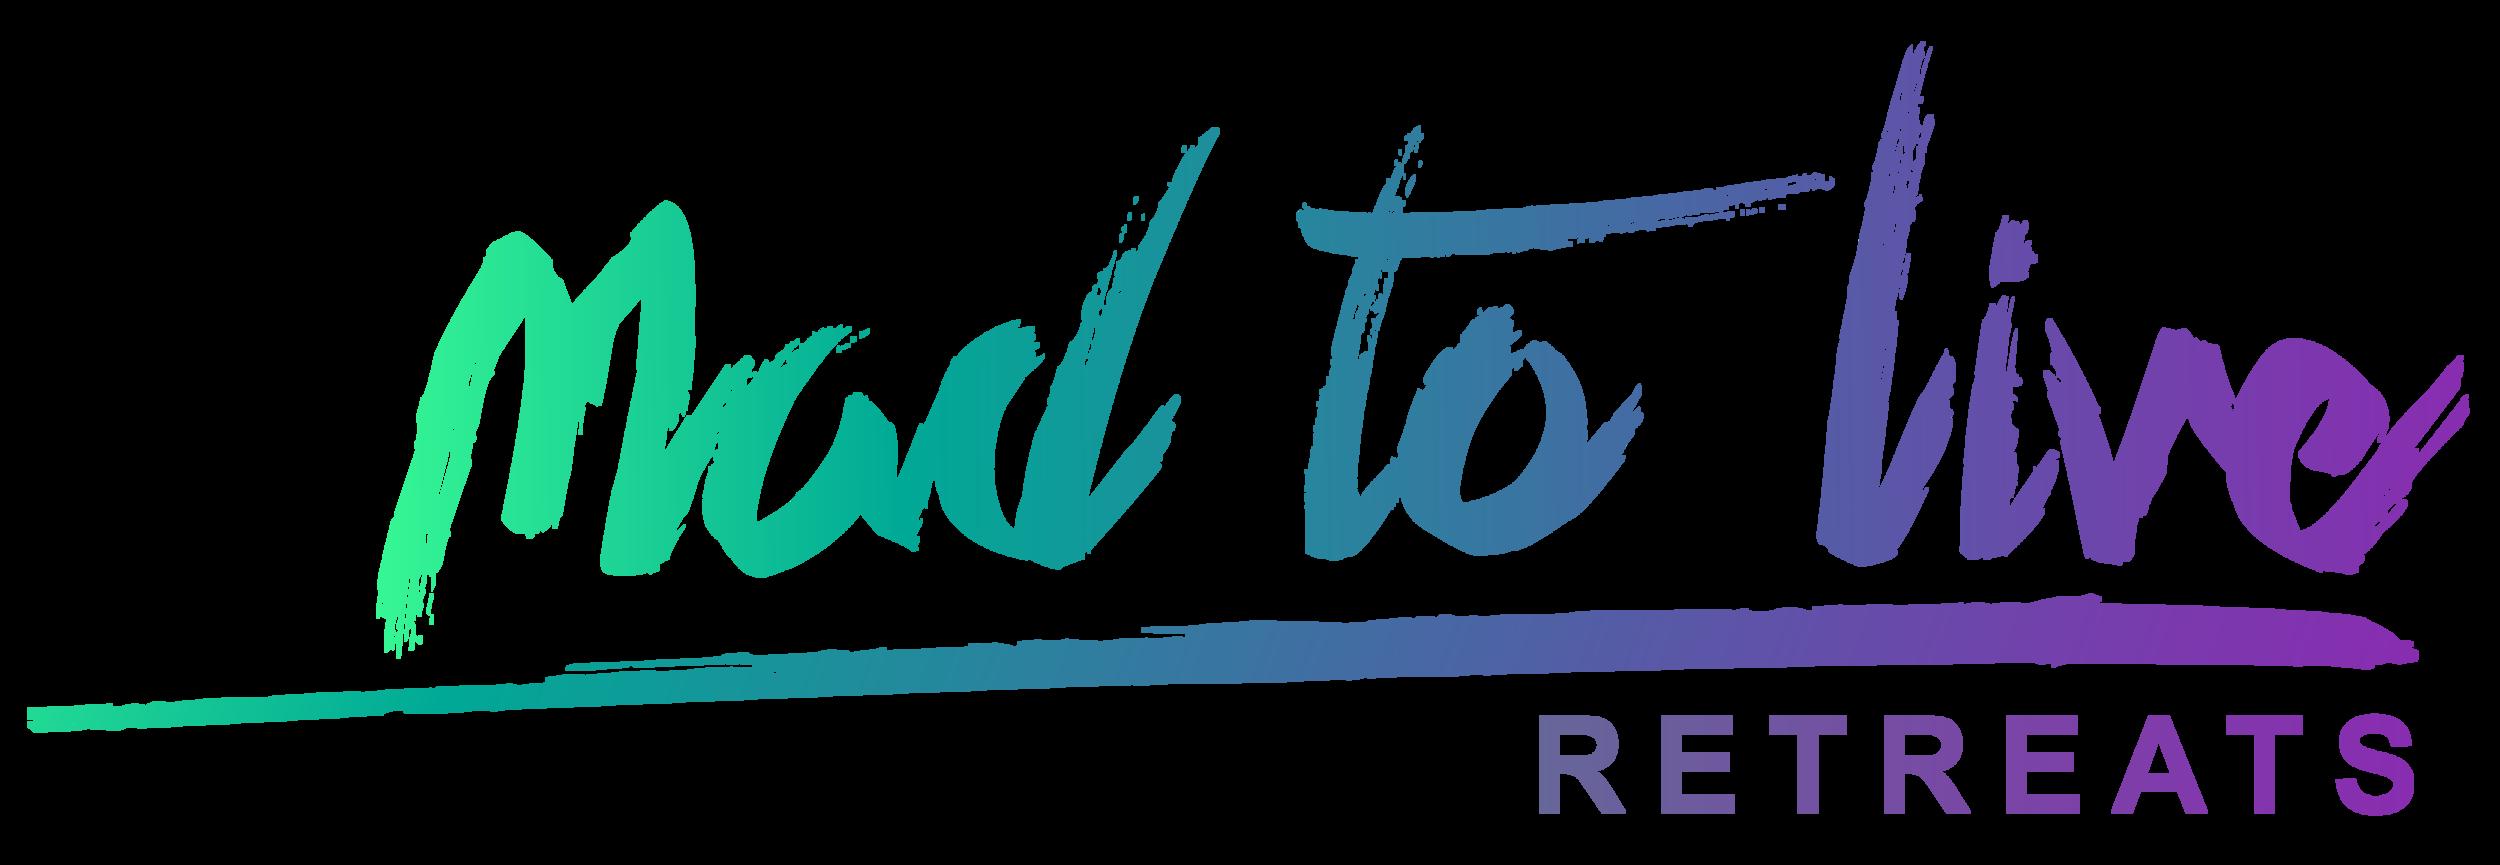 MadToLiveRetreats-01.png